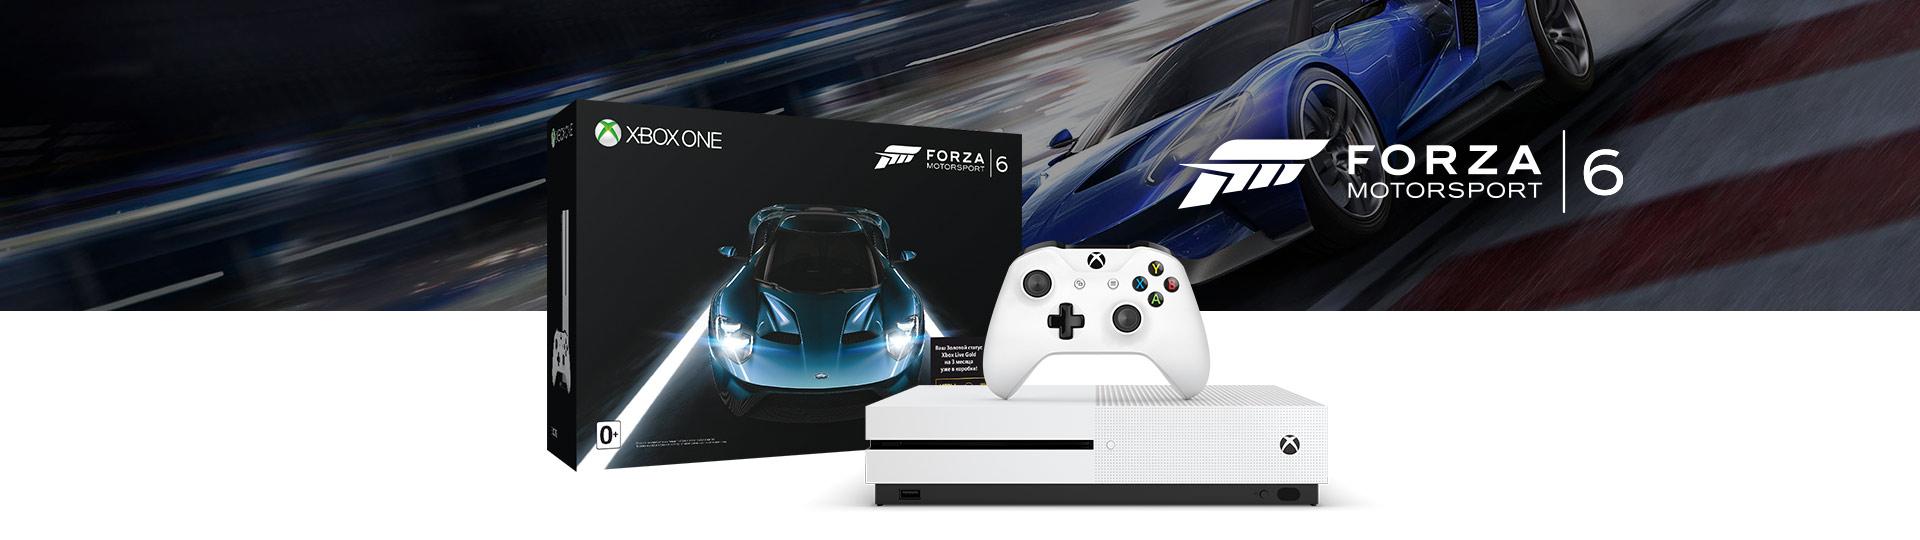 Комплект: 500 ГБ консоль с Forza Motorsport 6